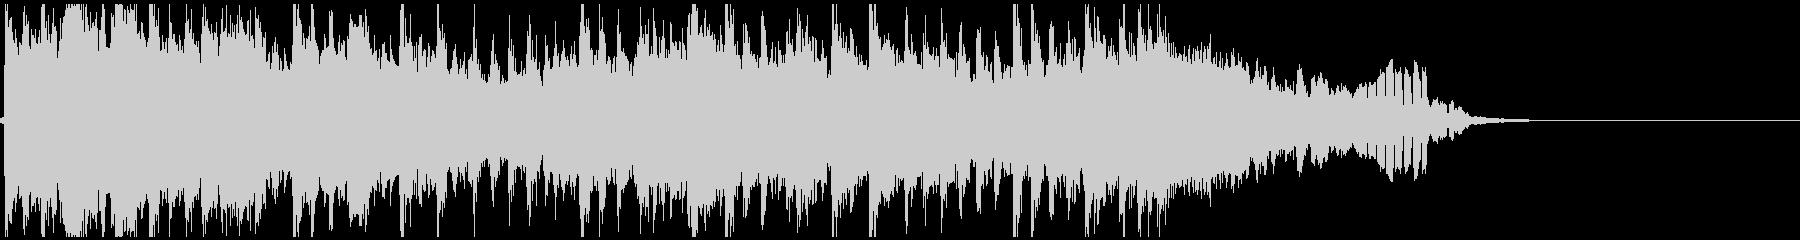 篠笛と琴の和風ドラムンベースジングルの未再生の波形